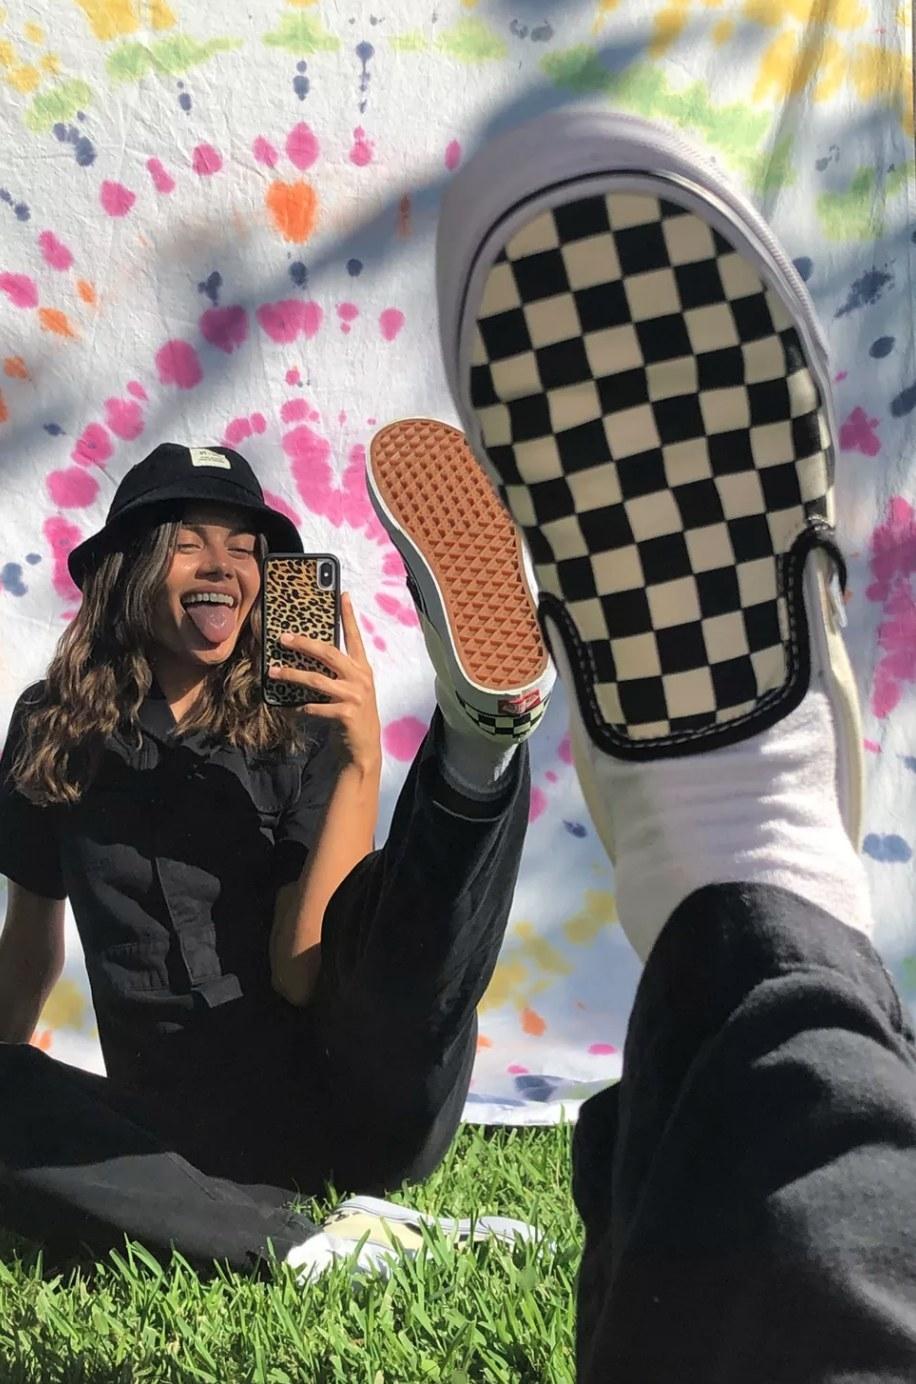 the Vans checkerboard slip-ons